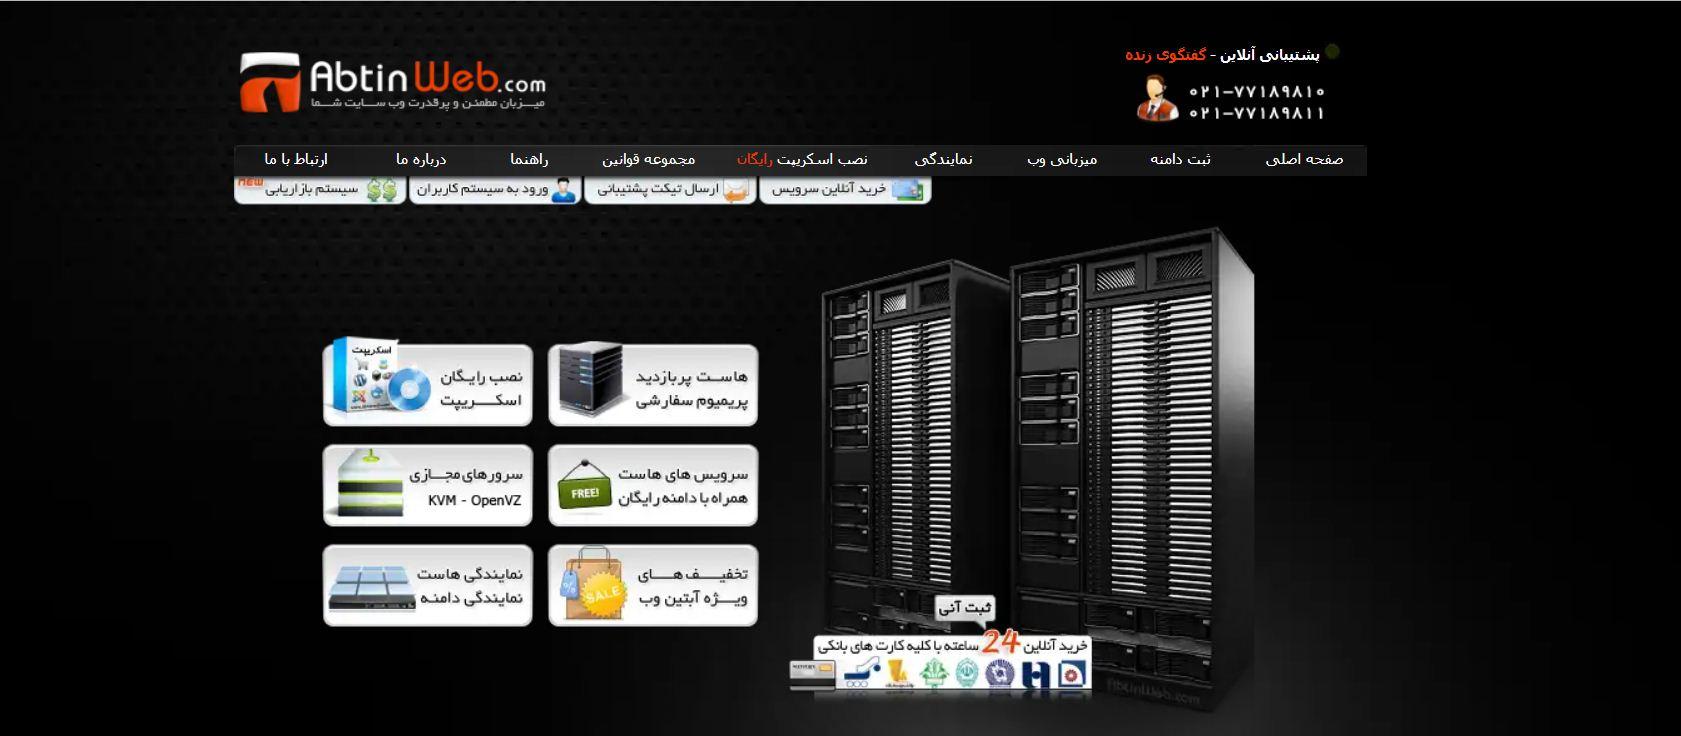 مقایسه بهترین شرکت های هاستینگ ایران